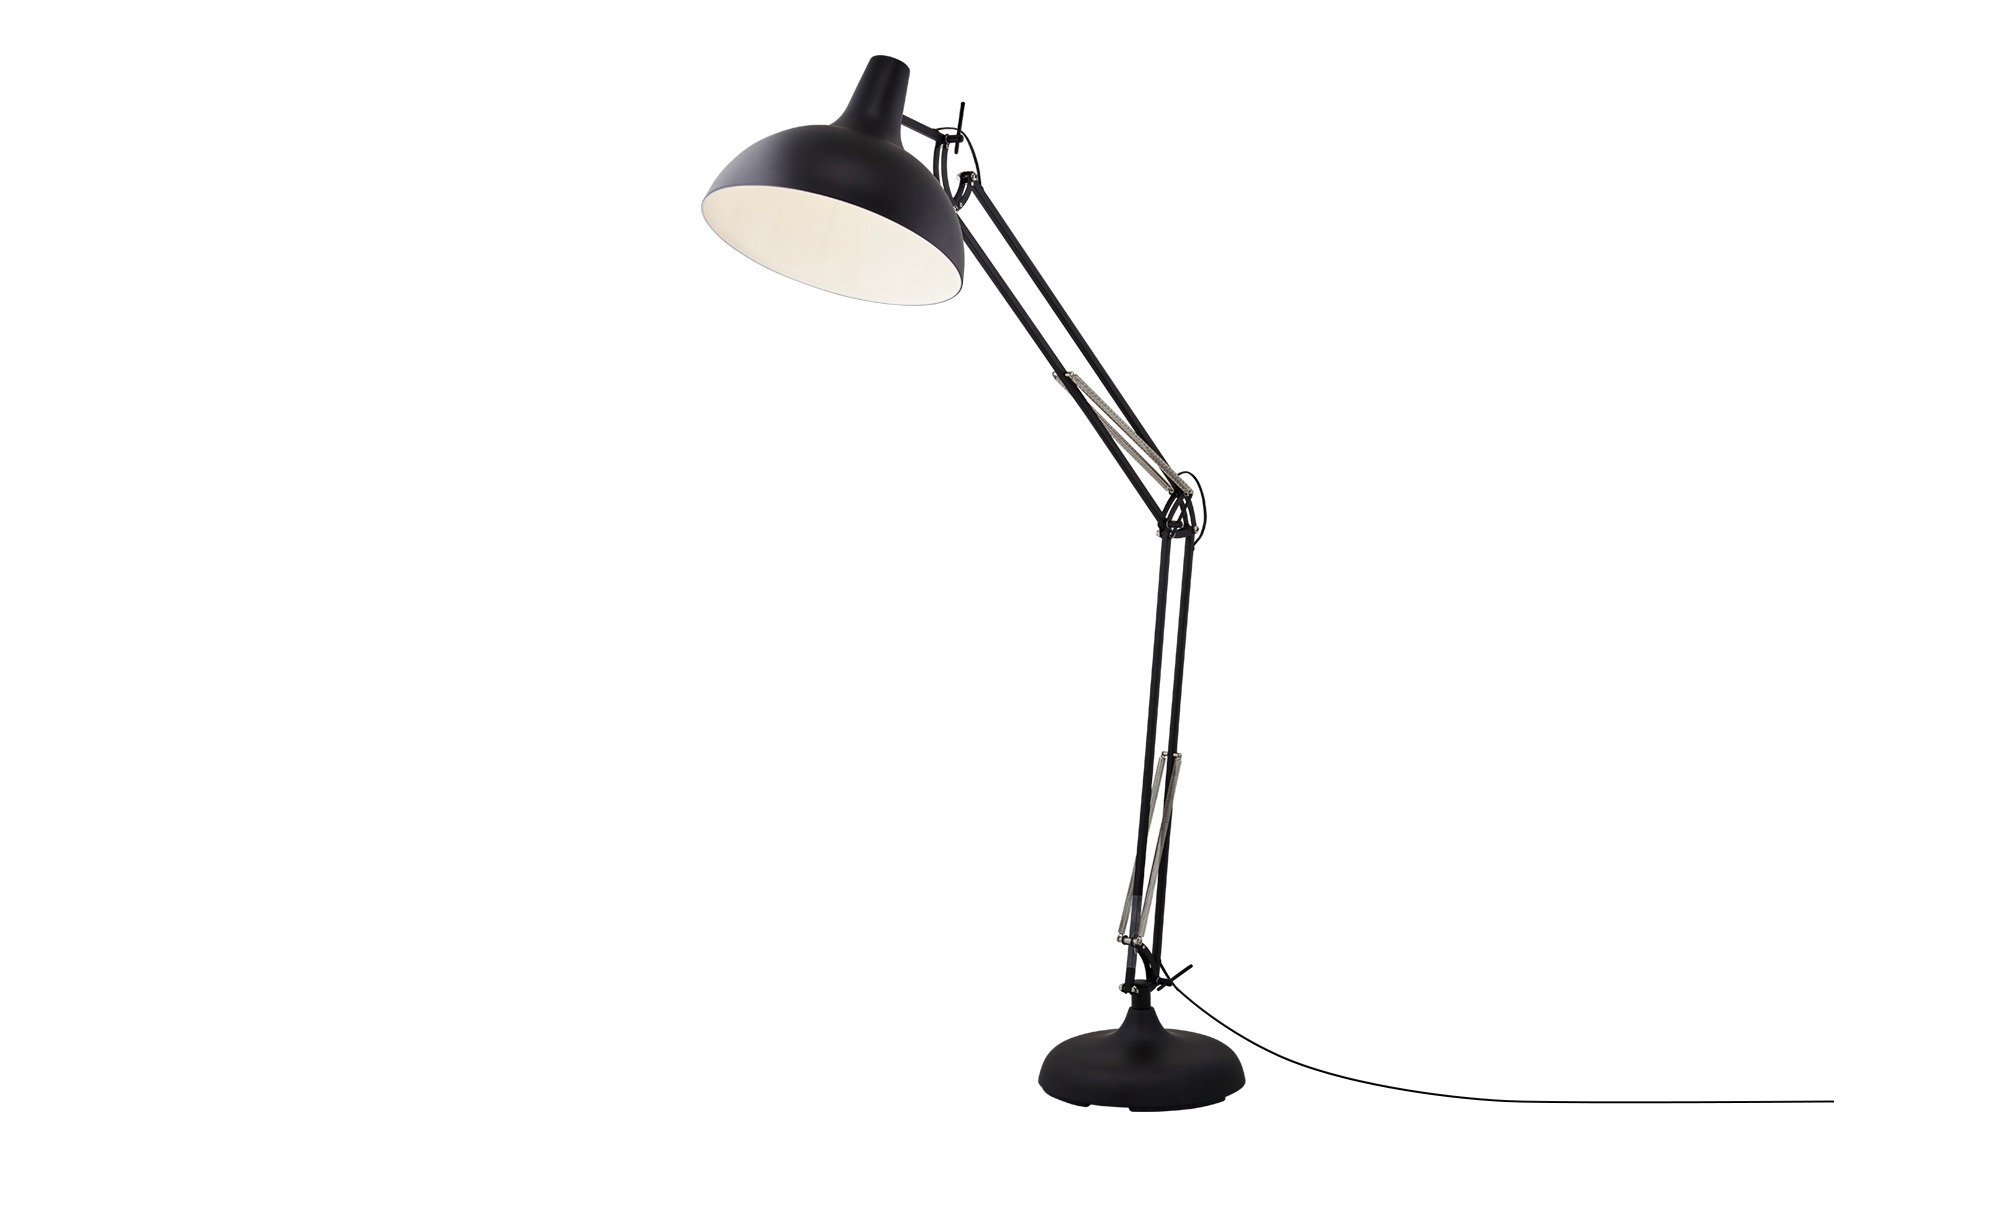 HOME STORY Stehleuchte, 1-flammig Schwarz ¦ schwarz ¦ Maße (cm): B: 37,5 H: 180 Lampen & Leuchten > Innenleuchten > Stehlampen - Höffner